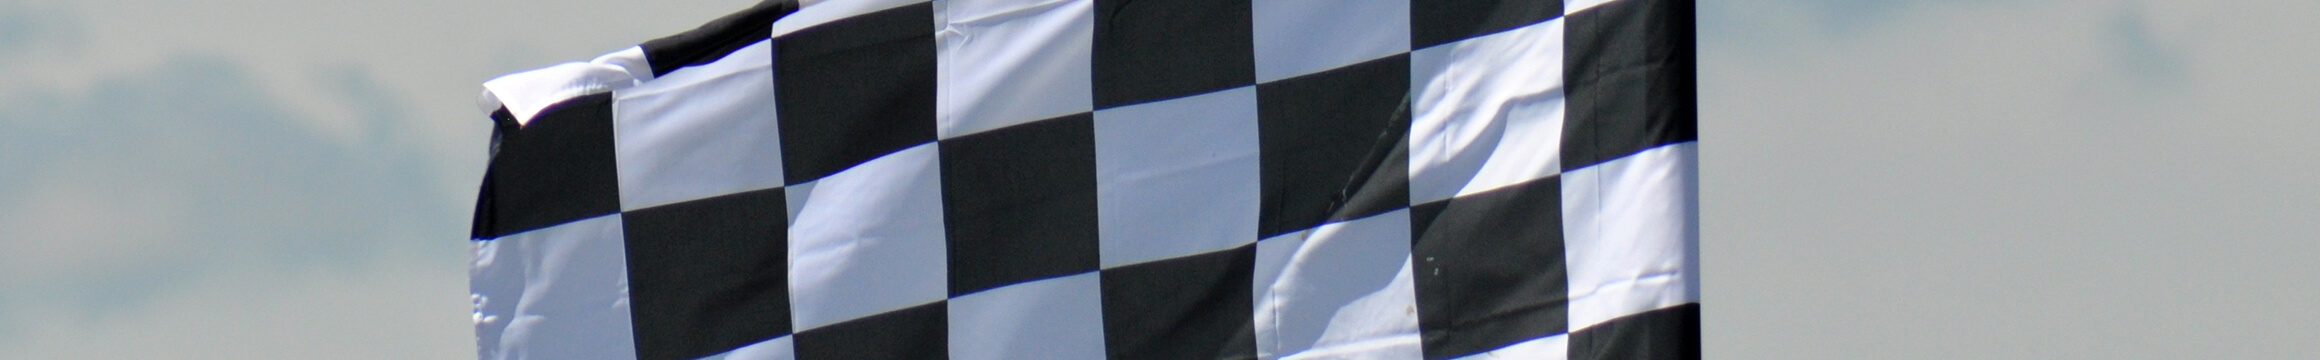 Car Racing 06